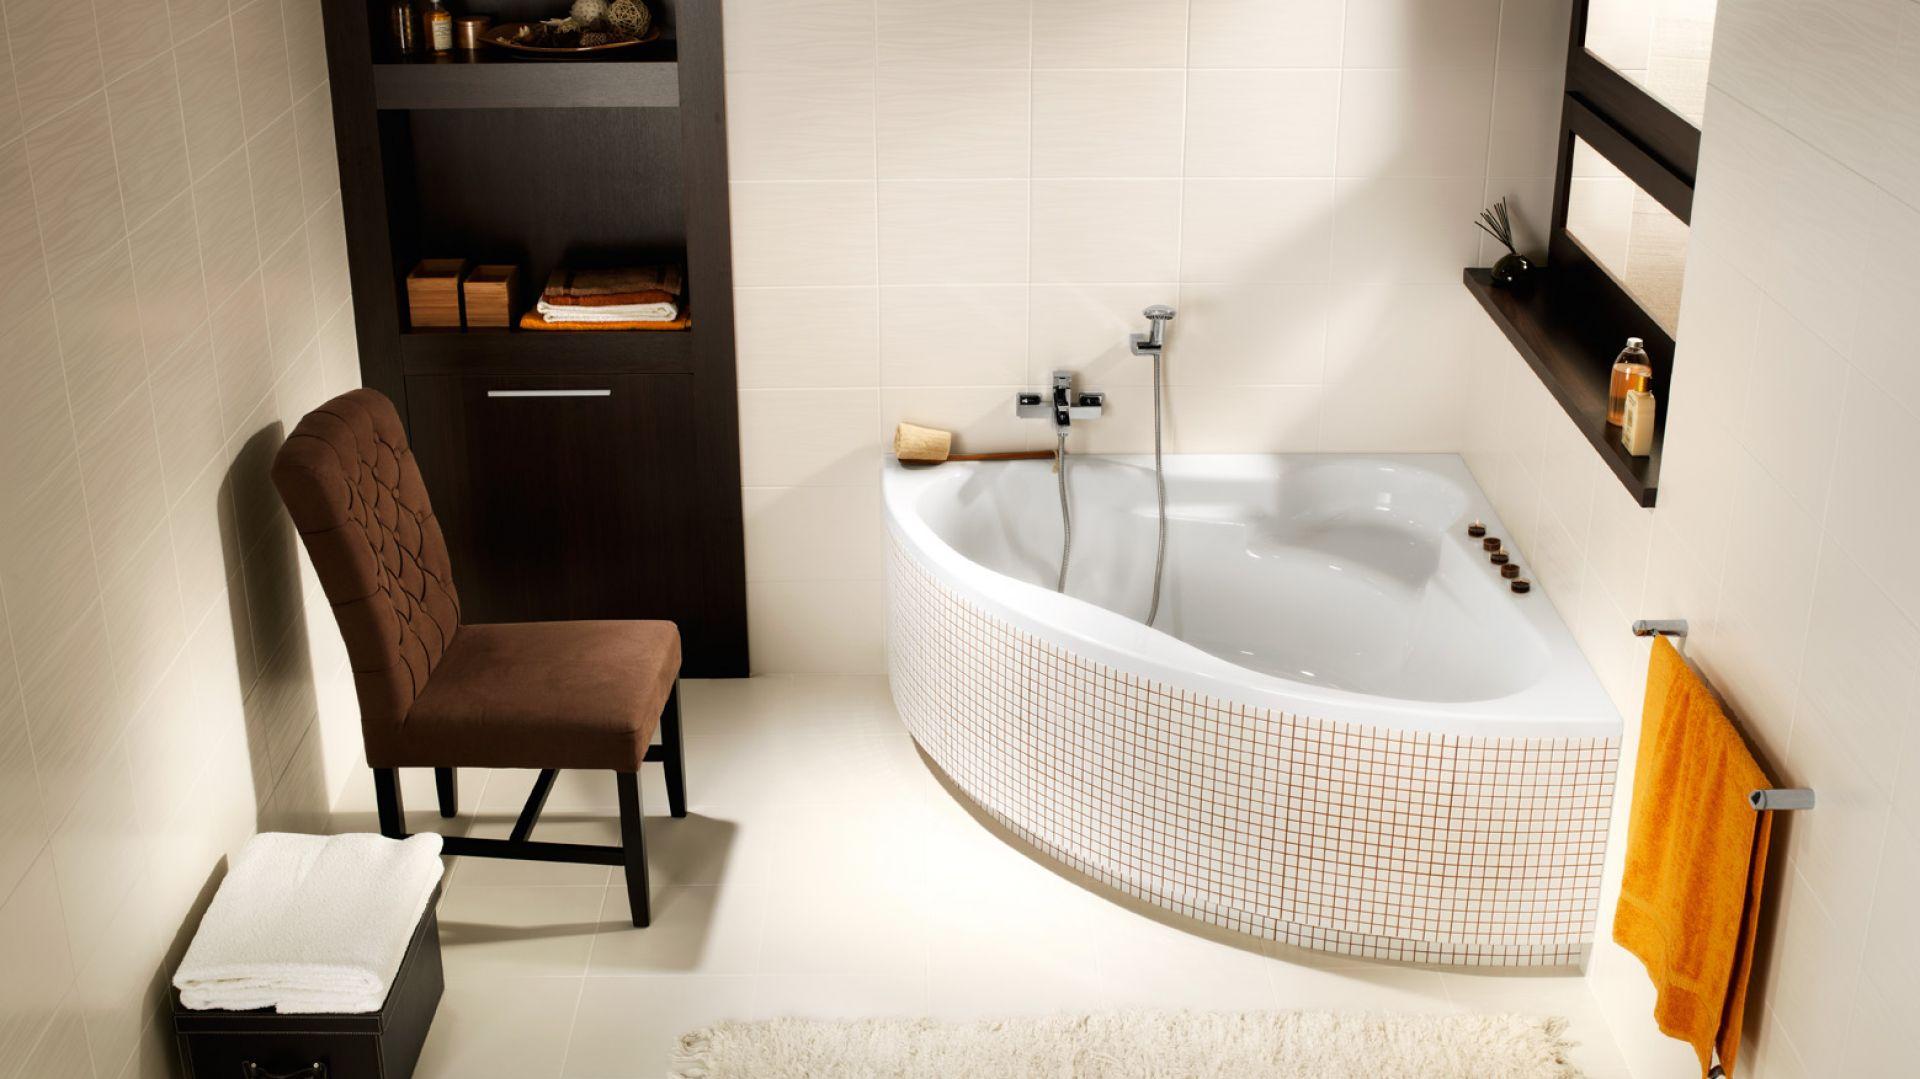 Coraz bardziej doceniamy proste przyjemności iczas spędzony wdomu. Nawet najmniejsza łazienka powinna być więc urządzona tak, by nie tylko pełniła funkcję praktyczną, ale stała się również naszym prywatnym miejscem relaksu, gdzie możemy odpocząć izadbać ourodę. Fot. Cersanit